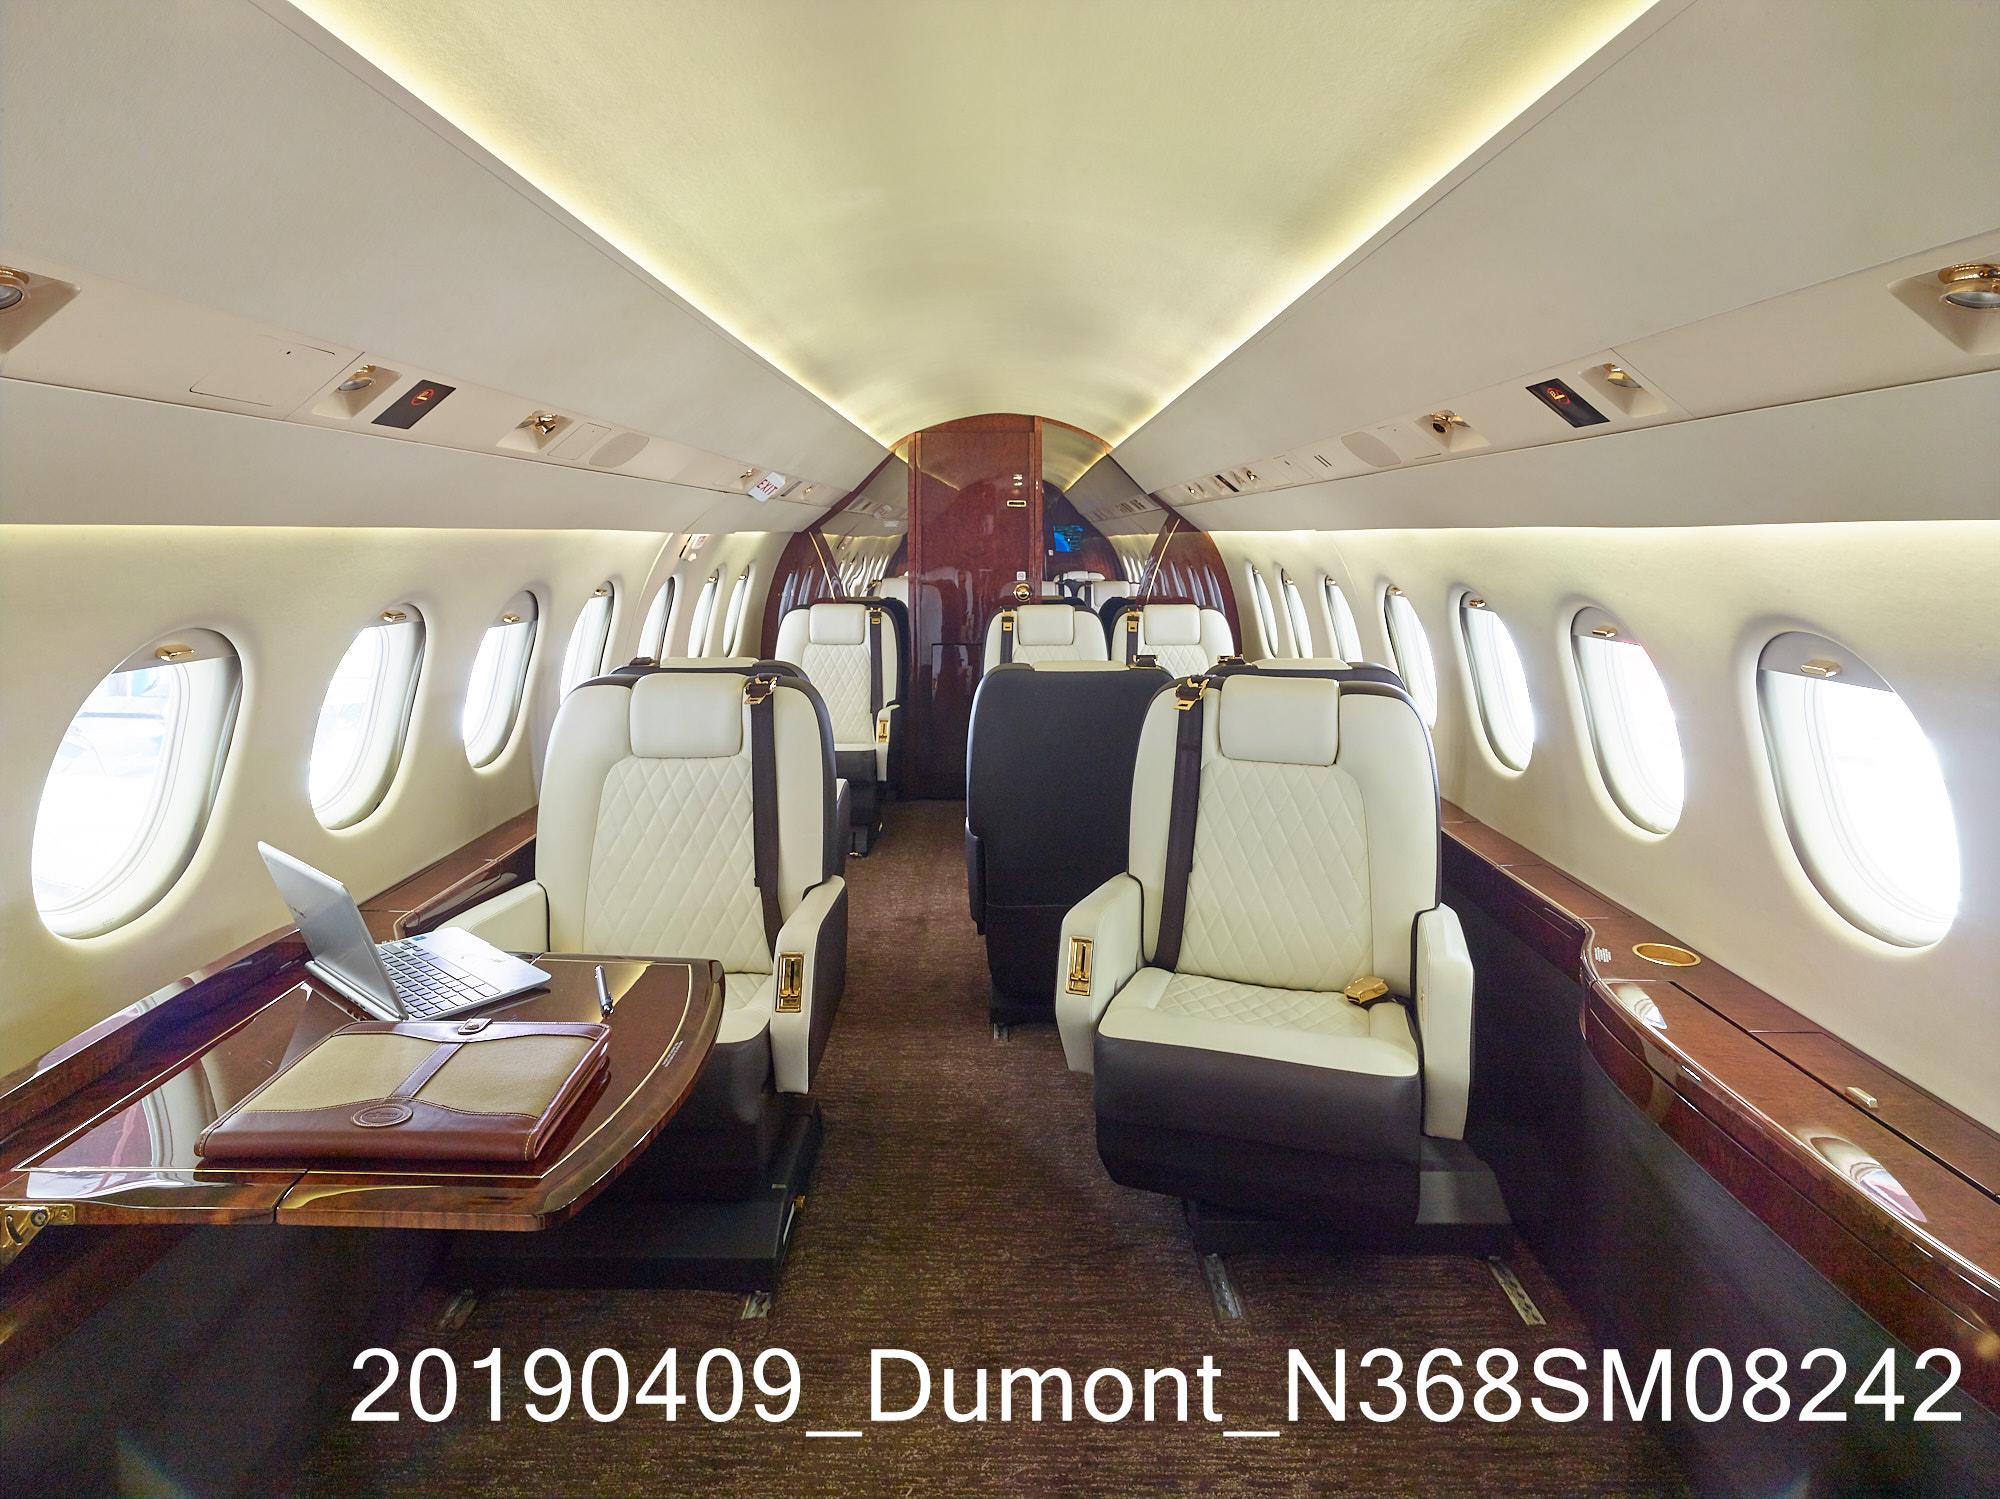 20190409_Dumont_N368SM08242.jpg